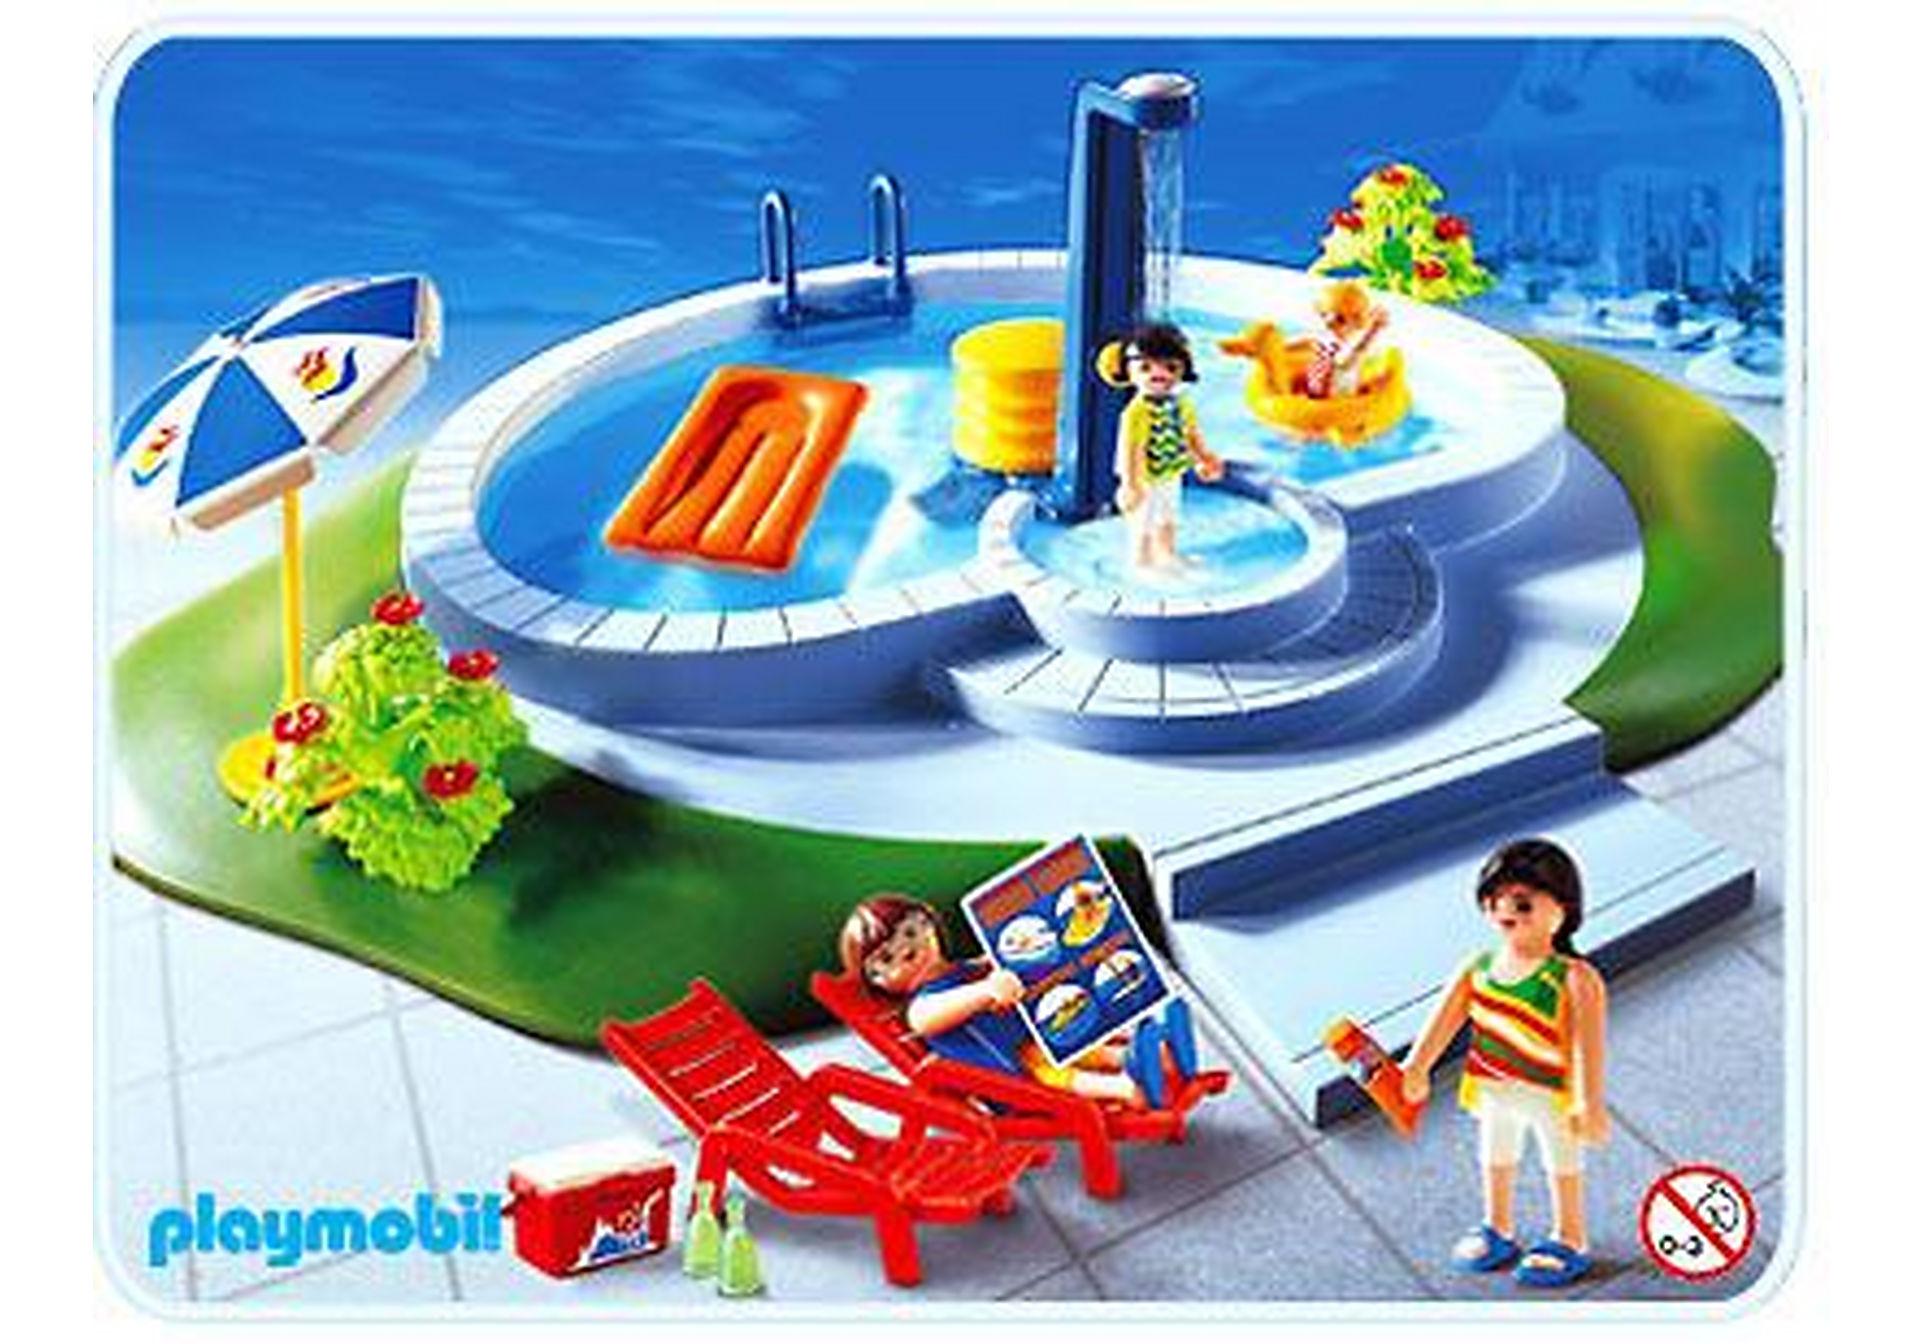 3205-B Famille / piscine zoom image1